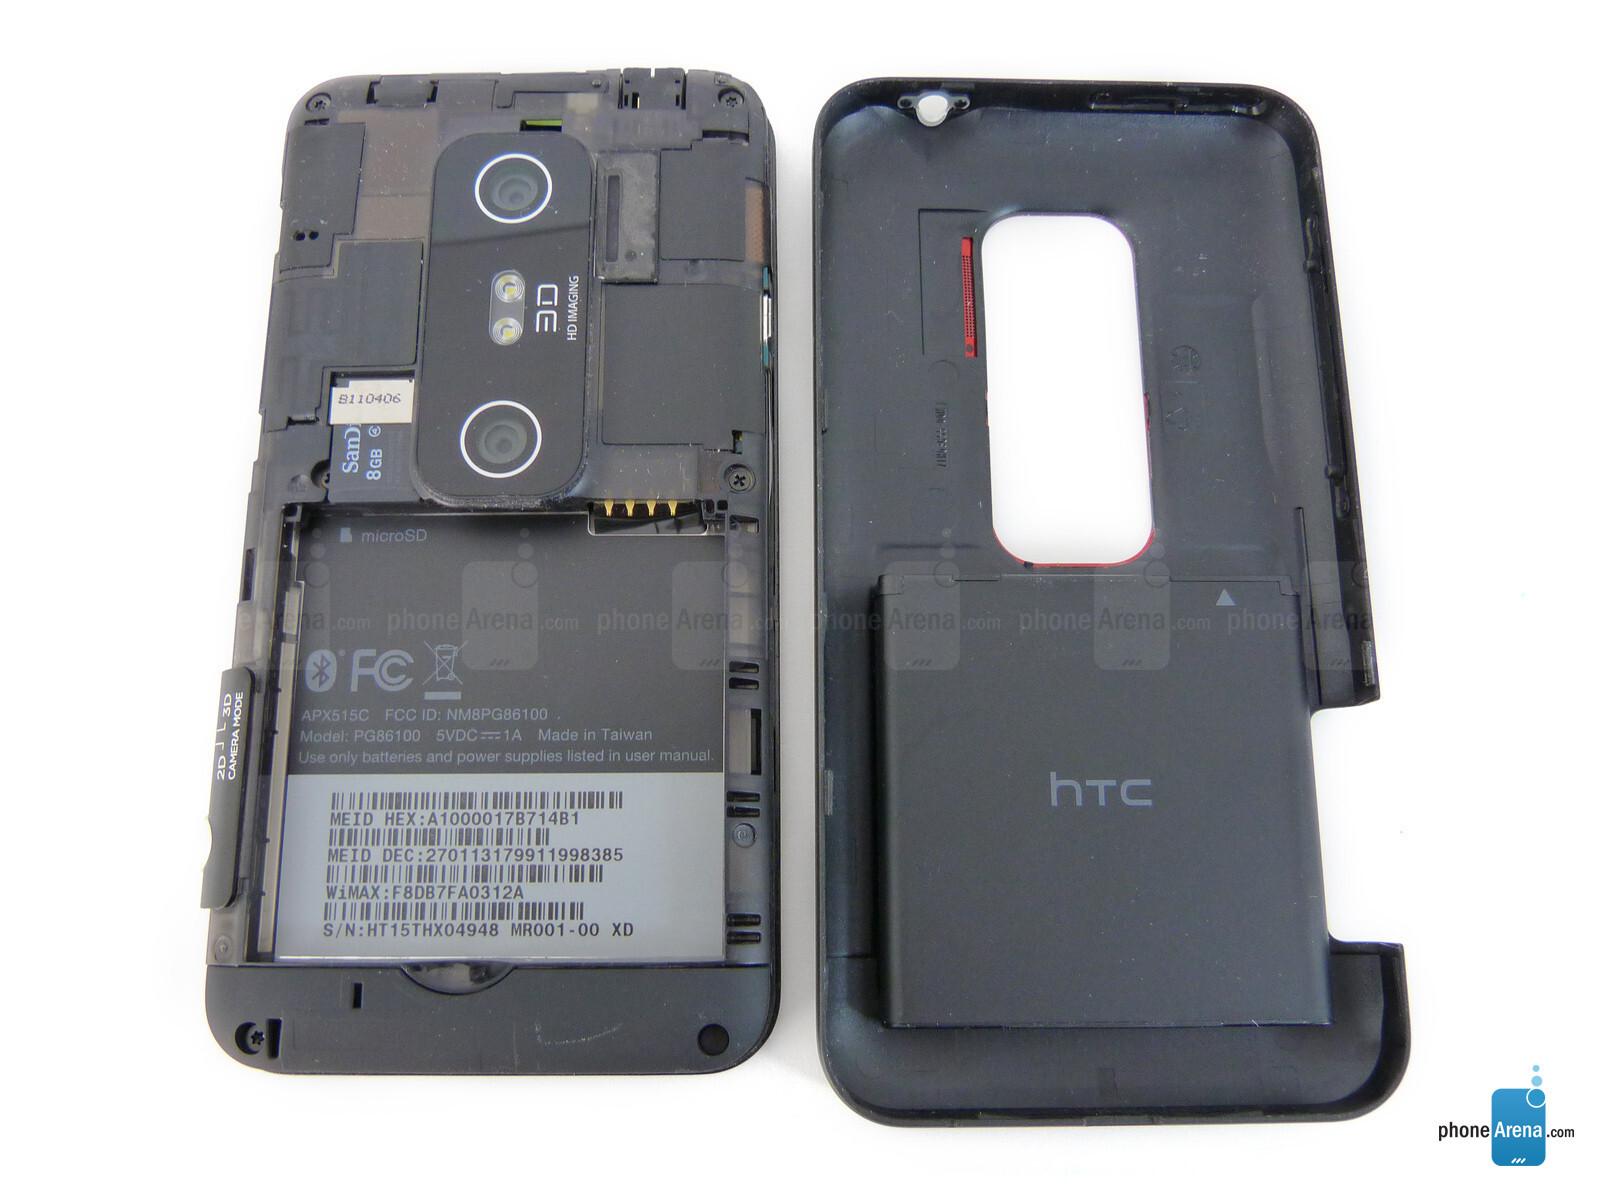 htc evo 3d photos rh phonearena com HTC 3D Drivers htc evo 3d service manual